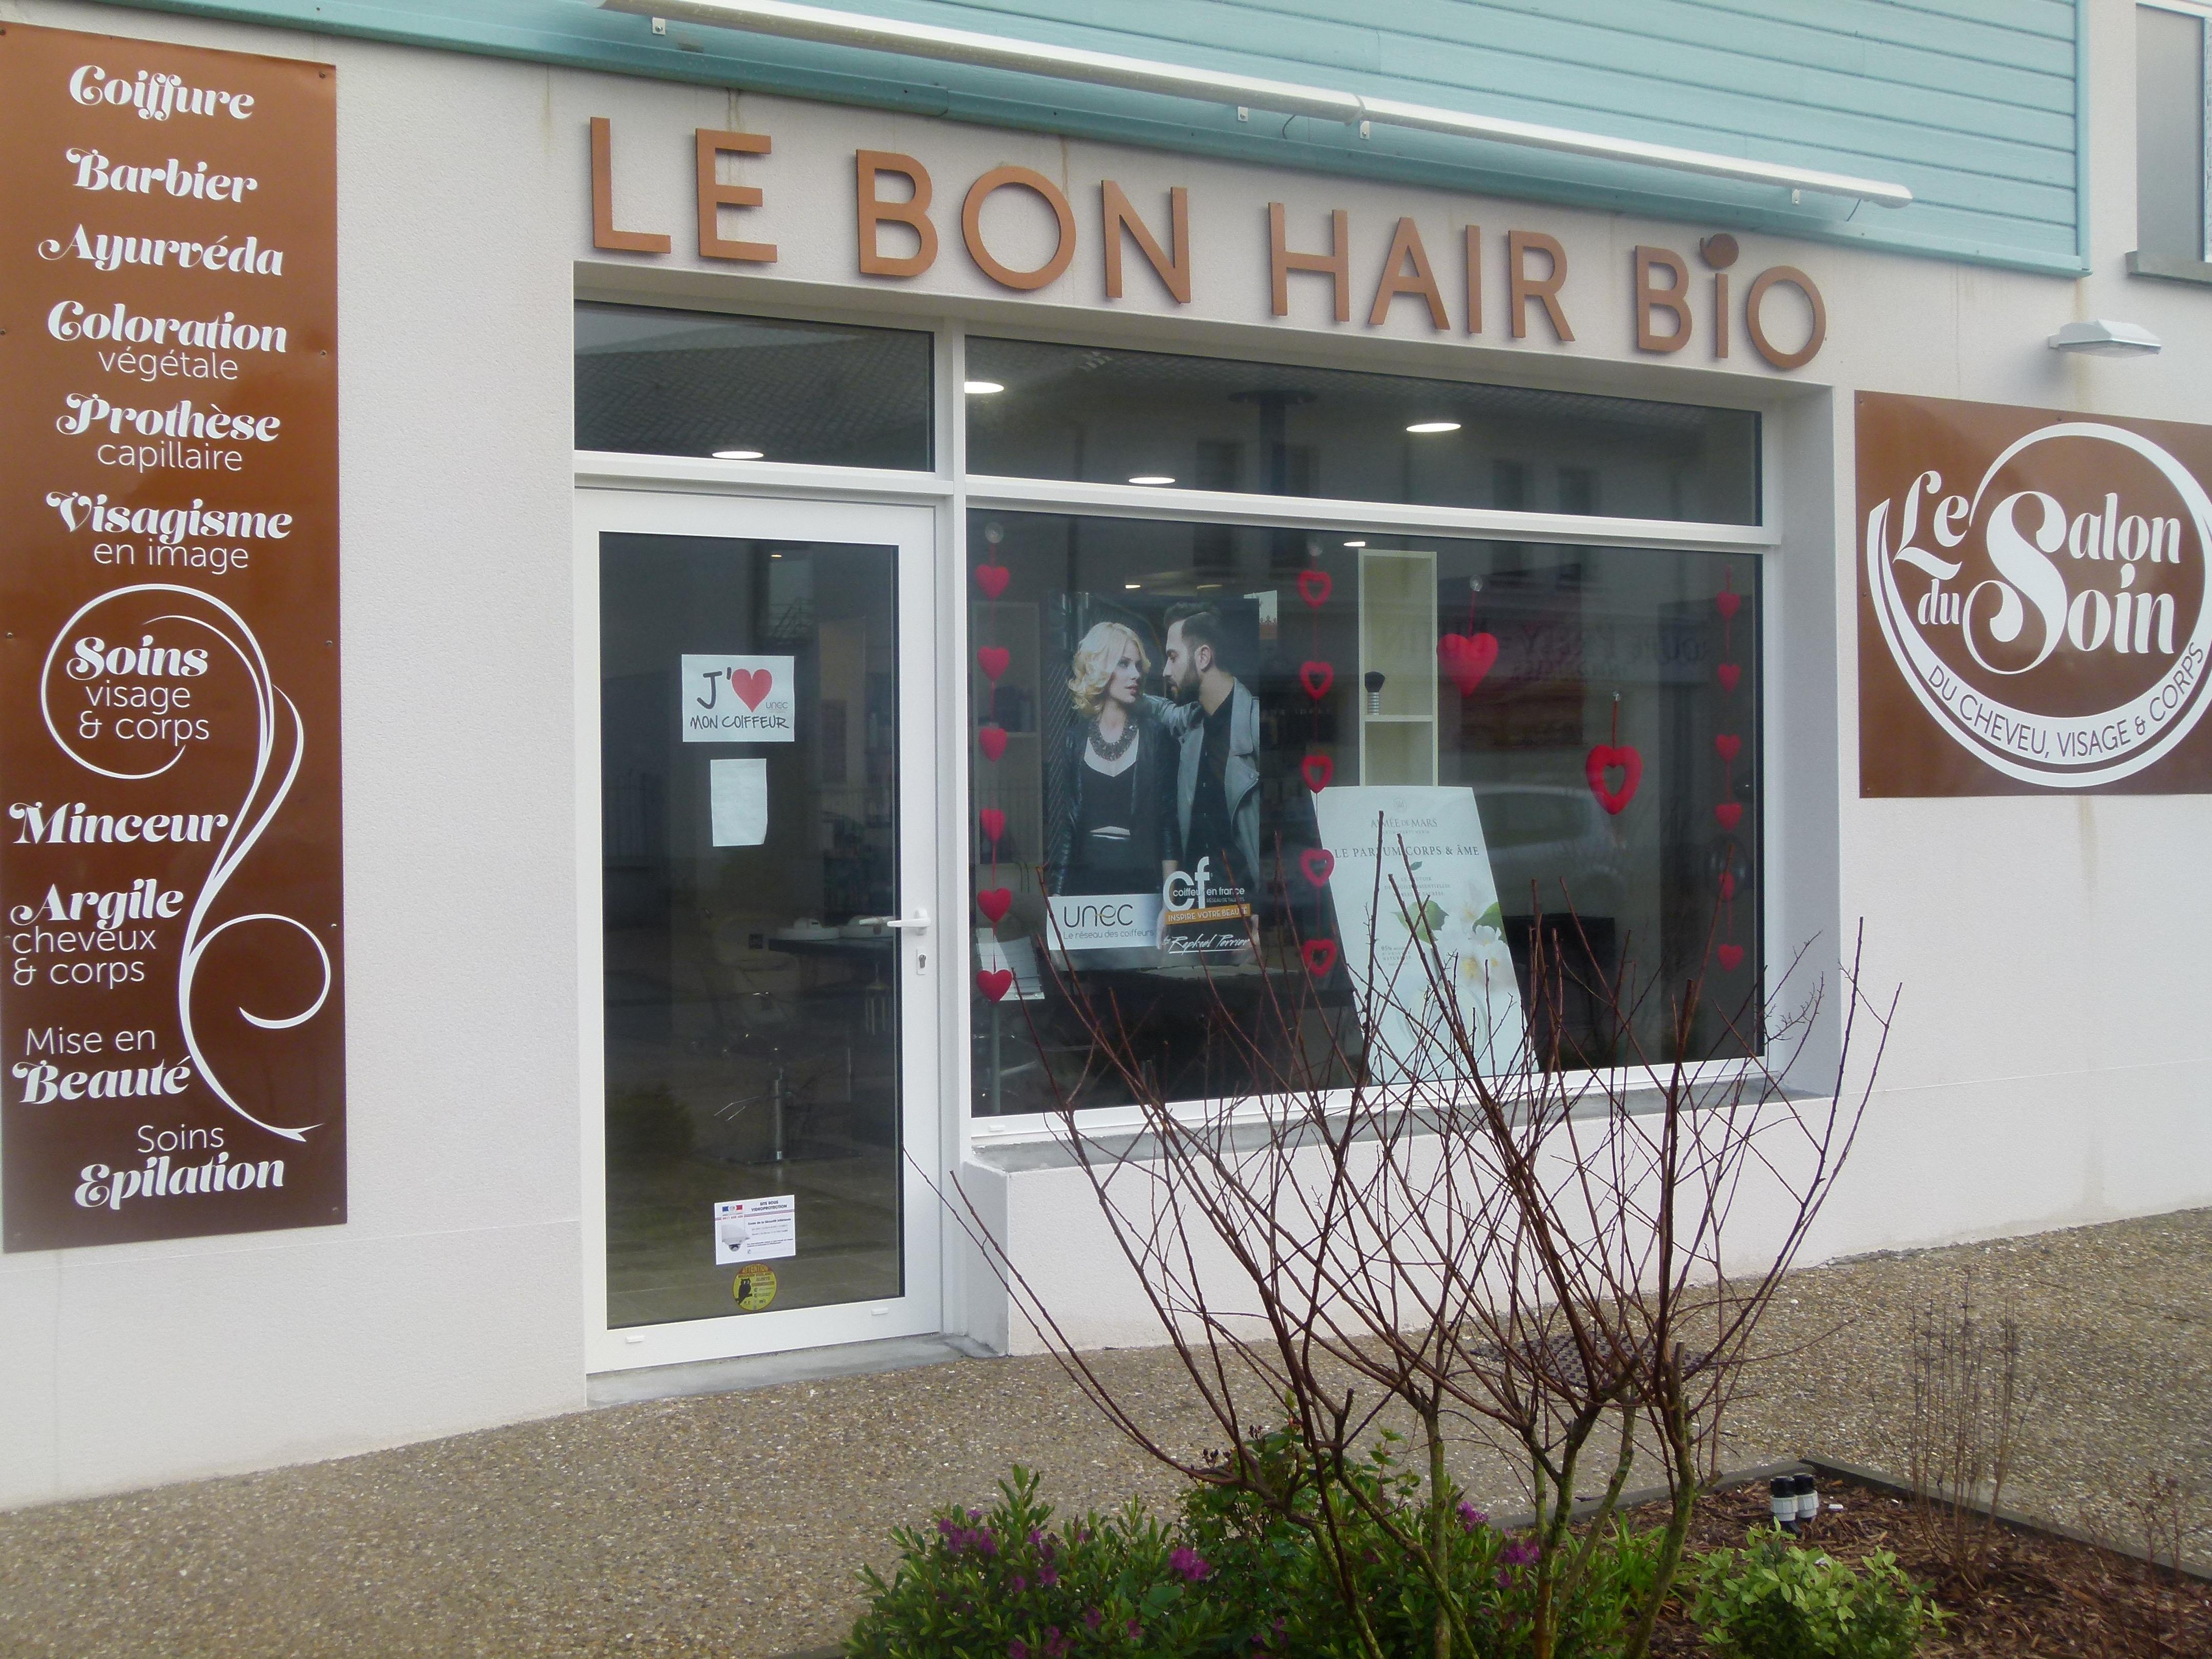 Le bon hair bio